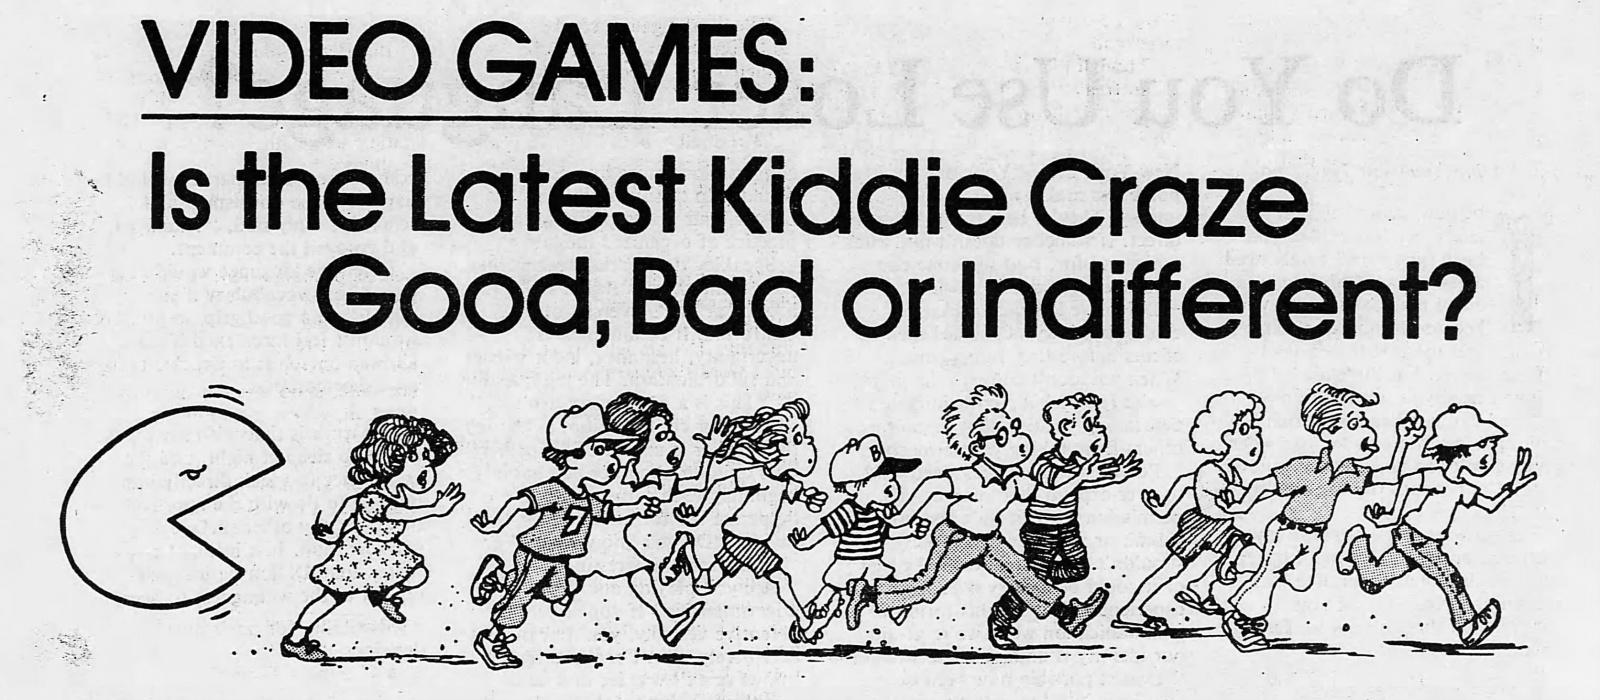 Магазинные крысы, видиоты и игроманы: пропаганда вреда видеоигр, шедшая в 80-х годах - 13